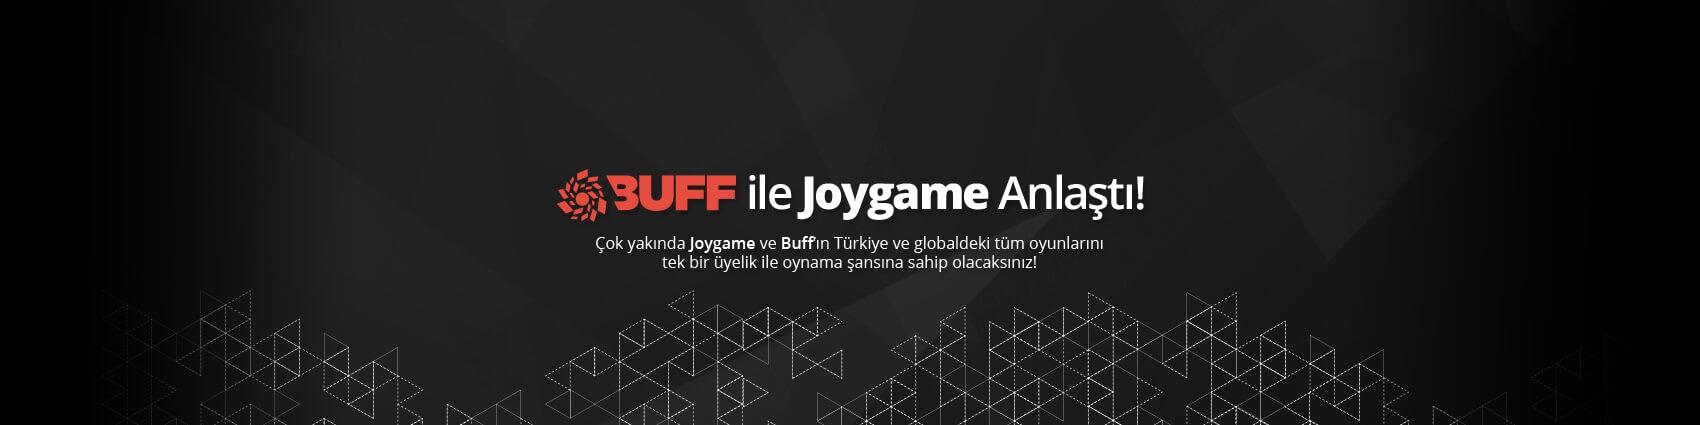 Buff ile Joygame Anlaştı!